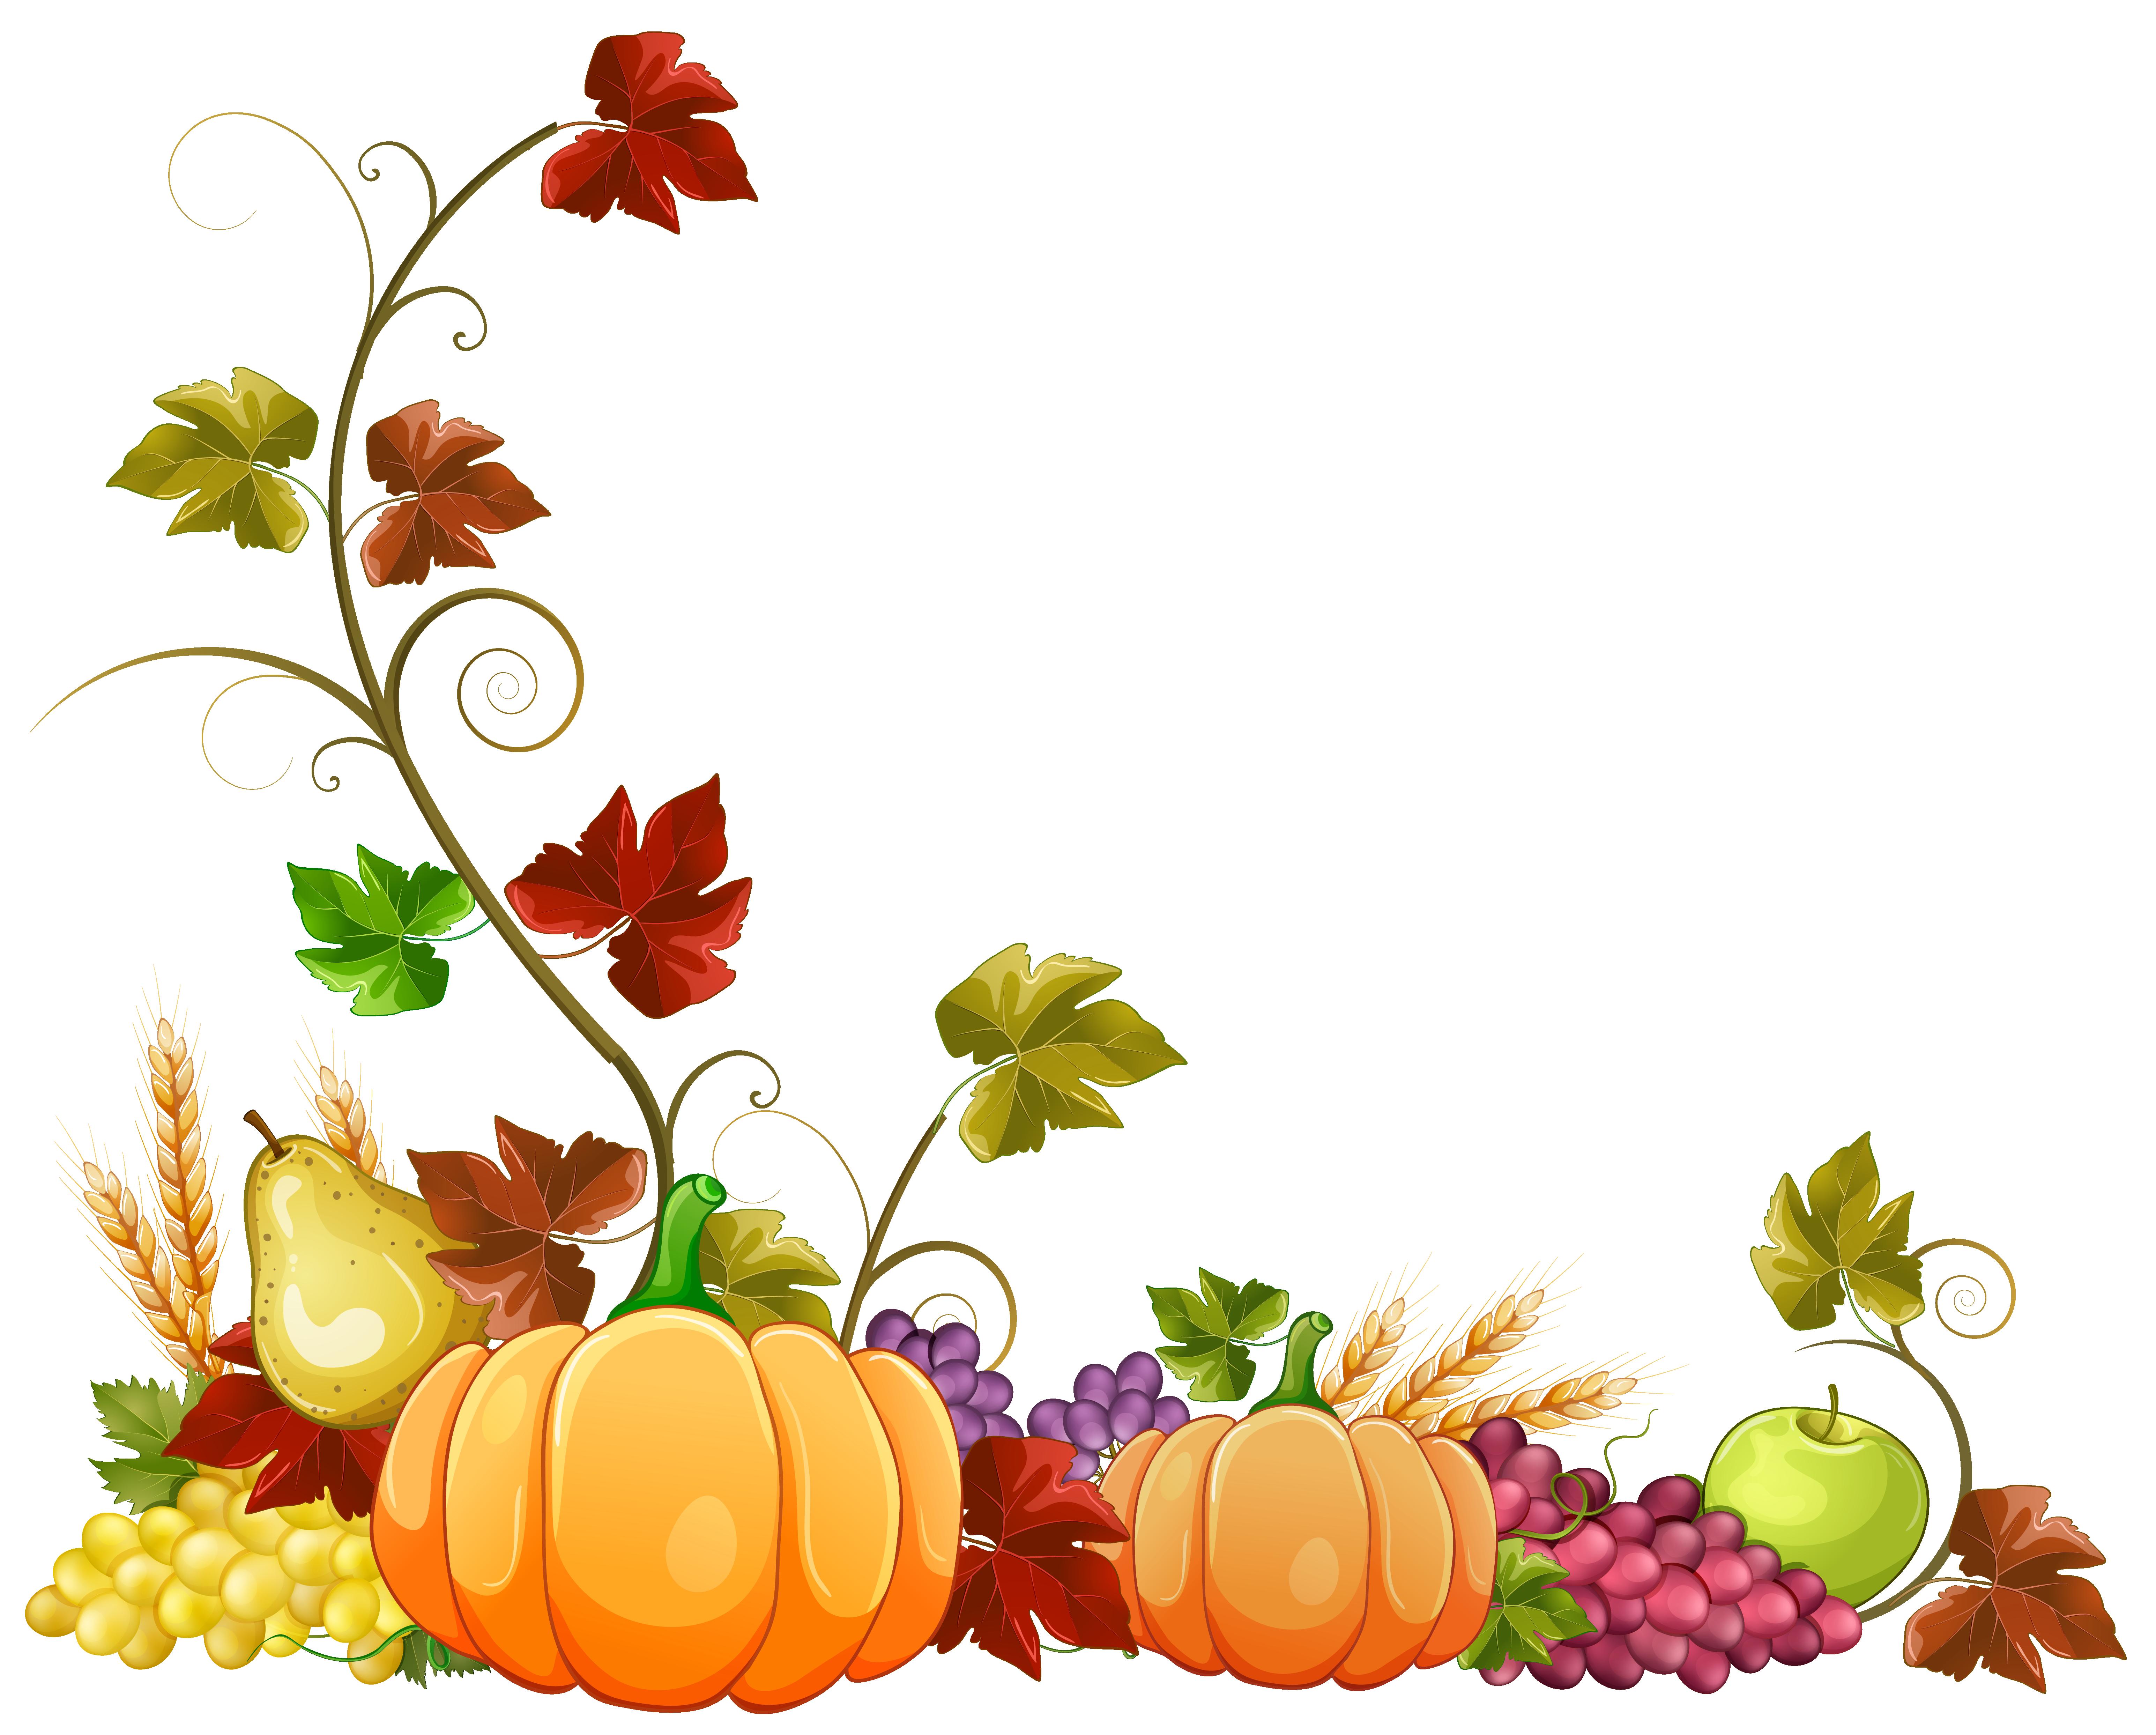 6178x4971 Autumn Pumpkin Decoration Clipart Png Imageu200b Gallery